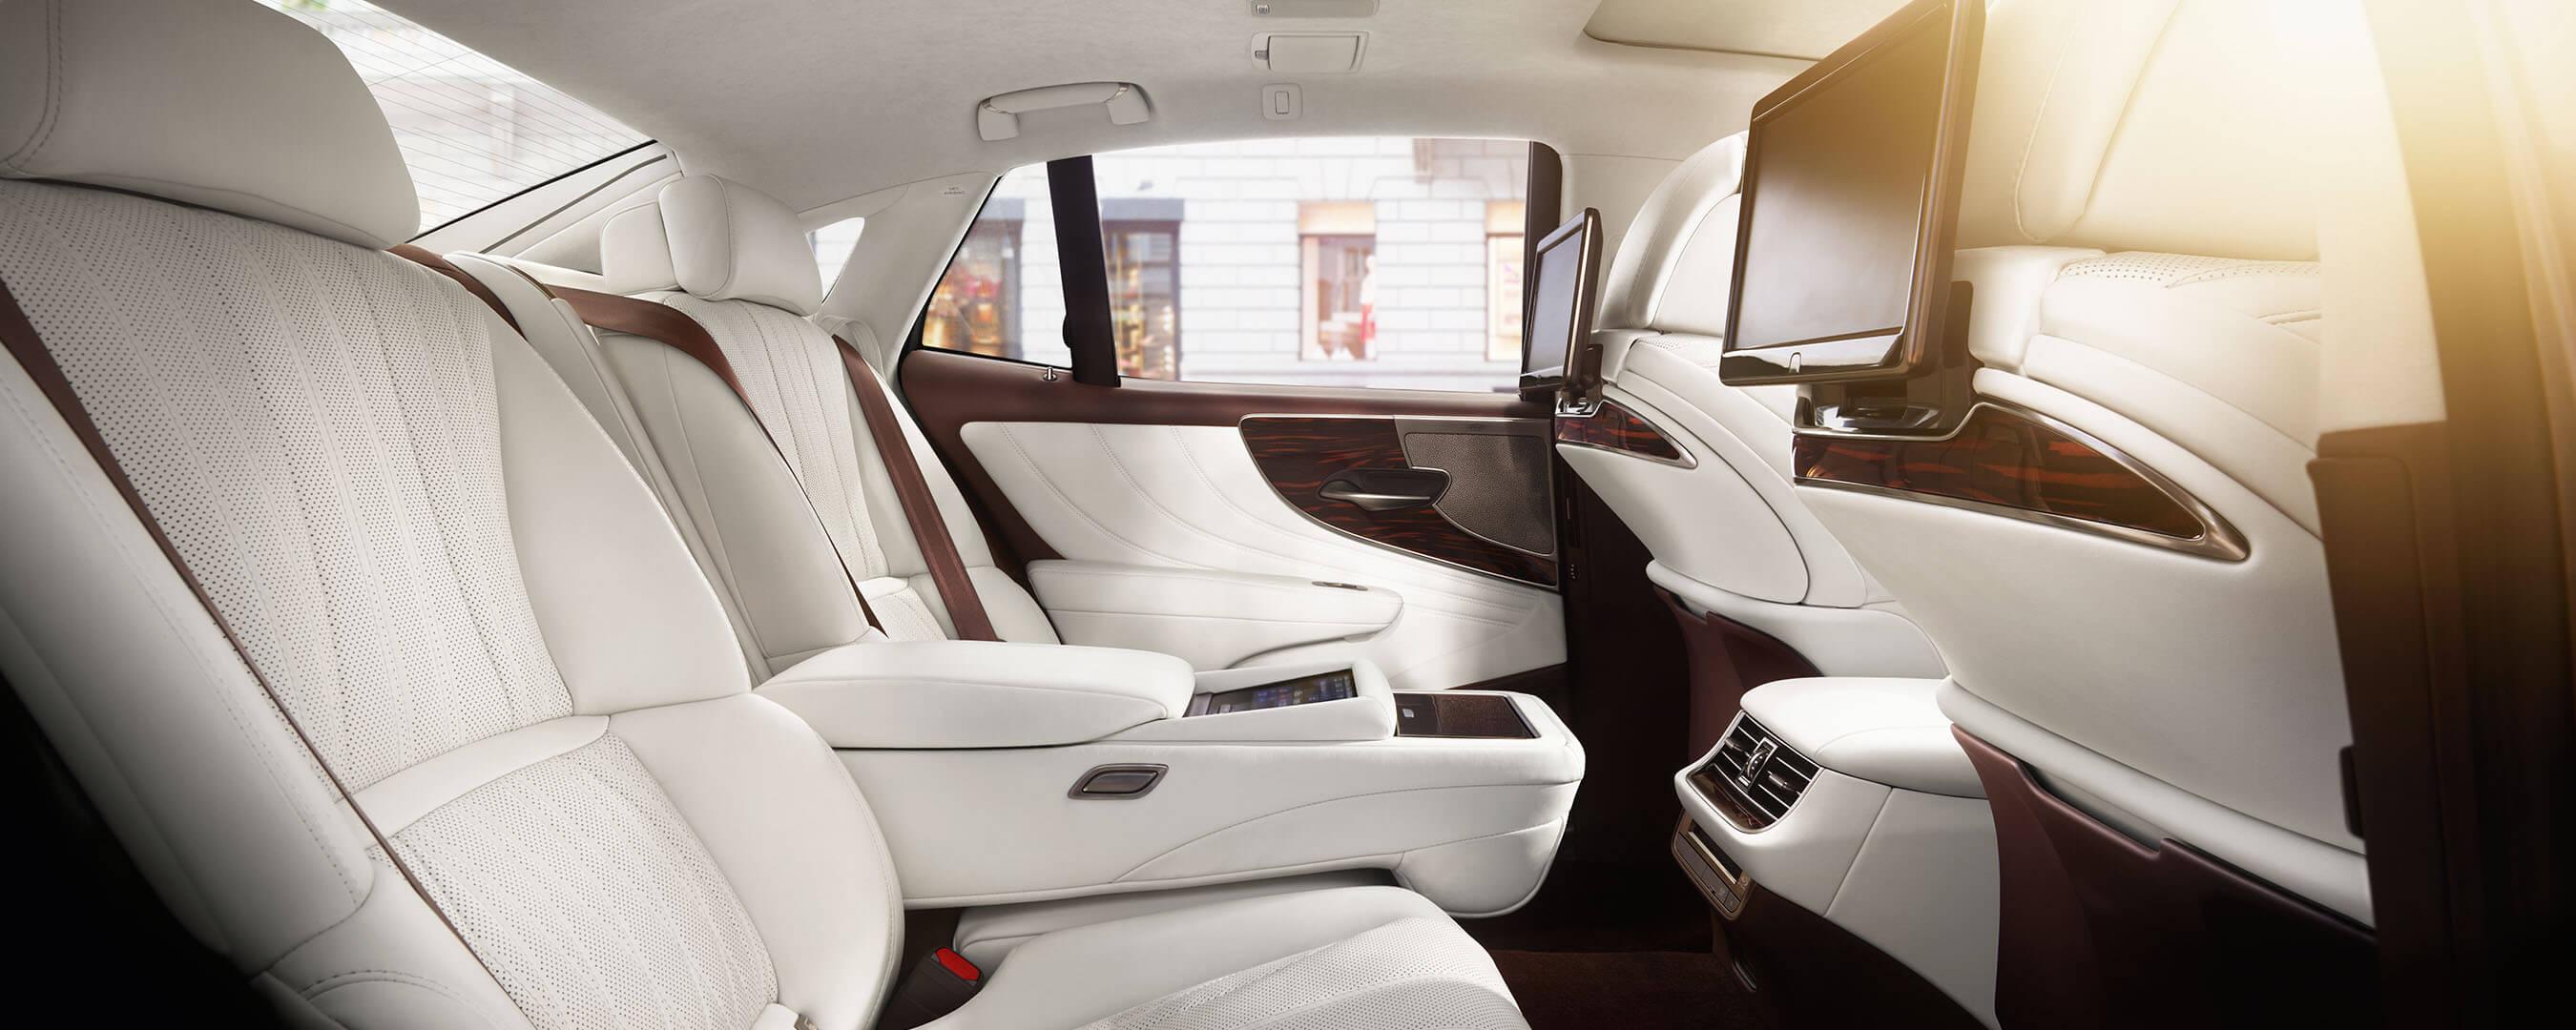 2018 lexus ls interior back